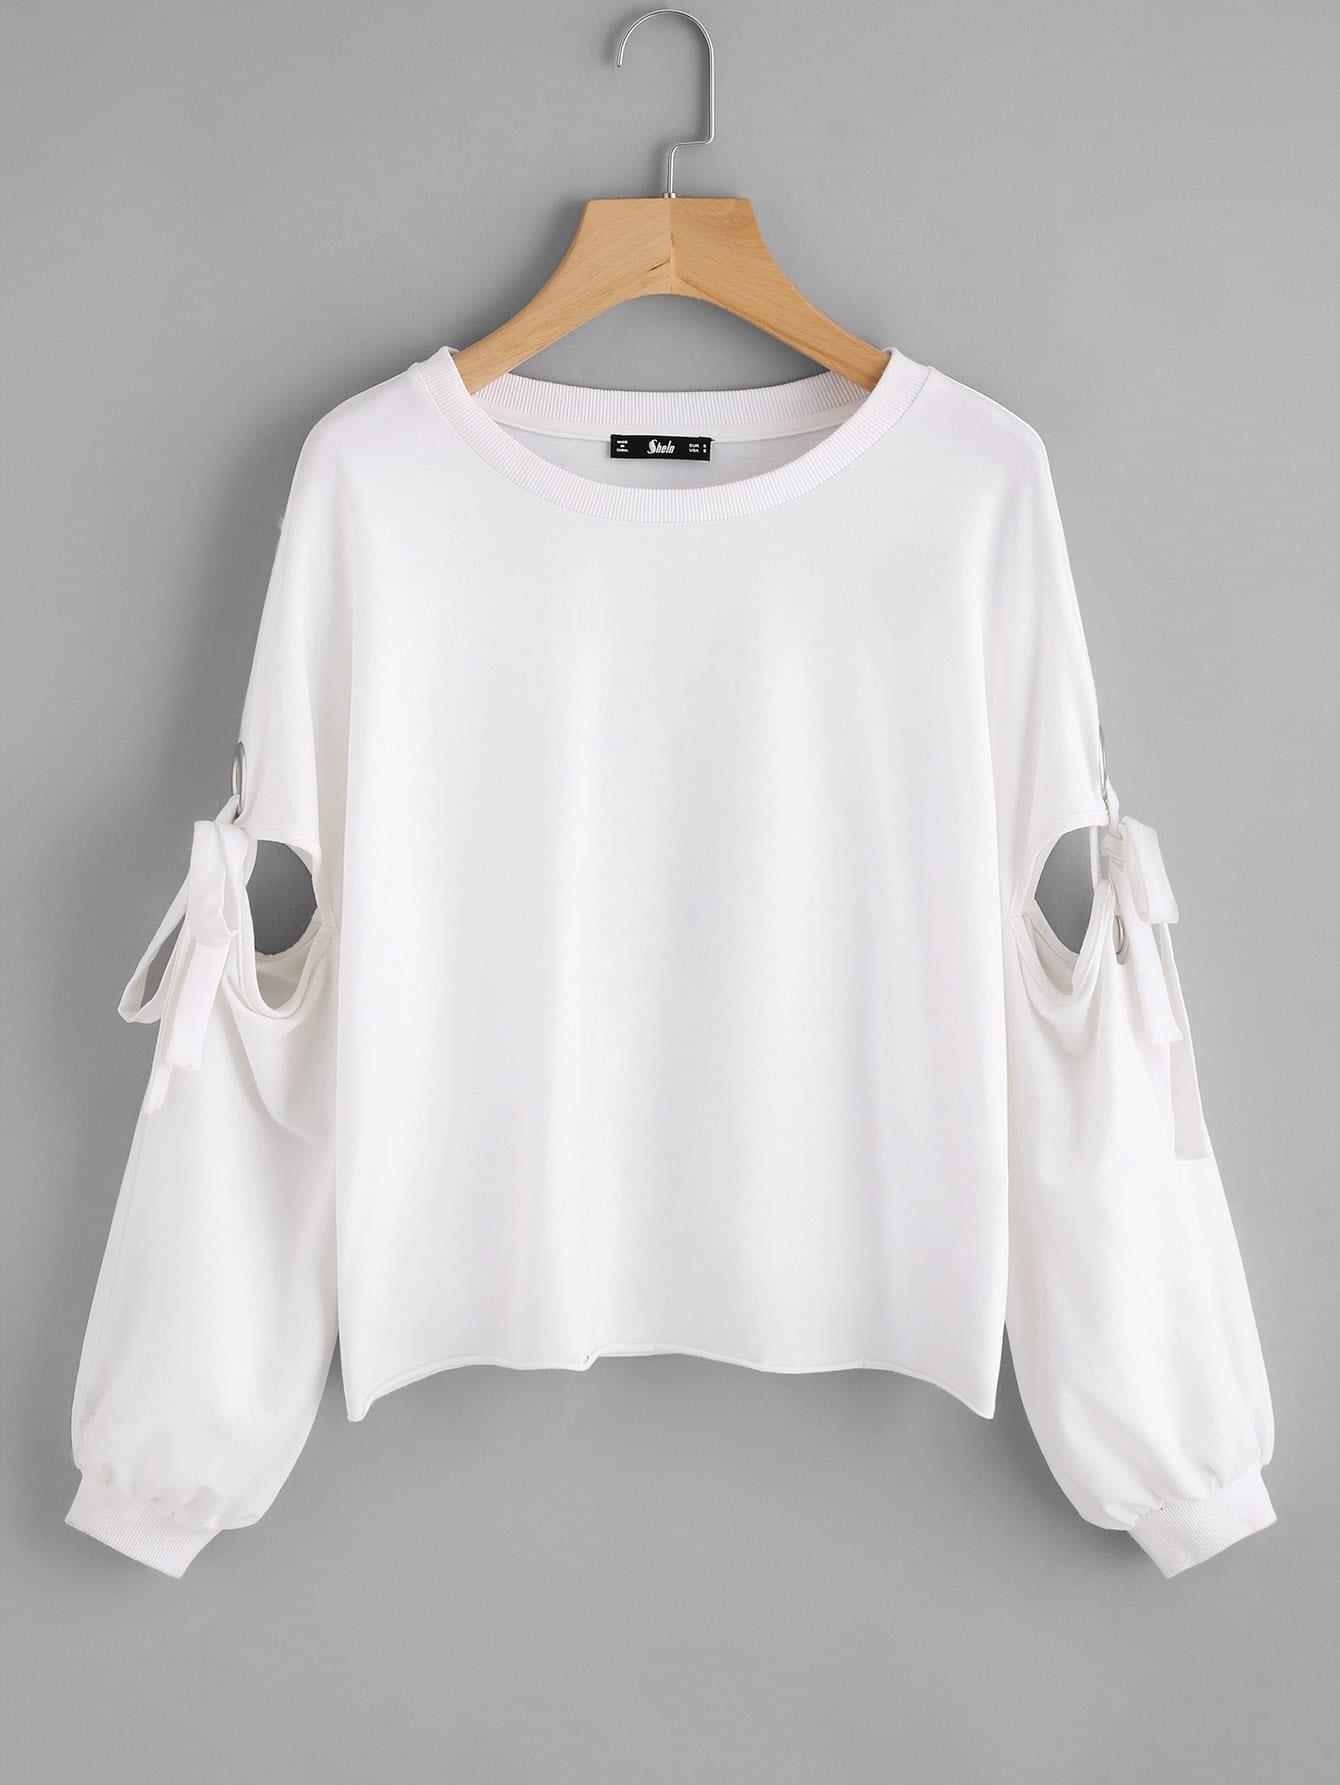 Grommet Detail Tied Open Sleeve Sweatshirt metal grommet detail drop shoulder sweatshirt dress